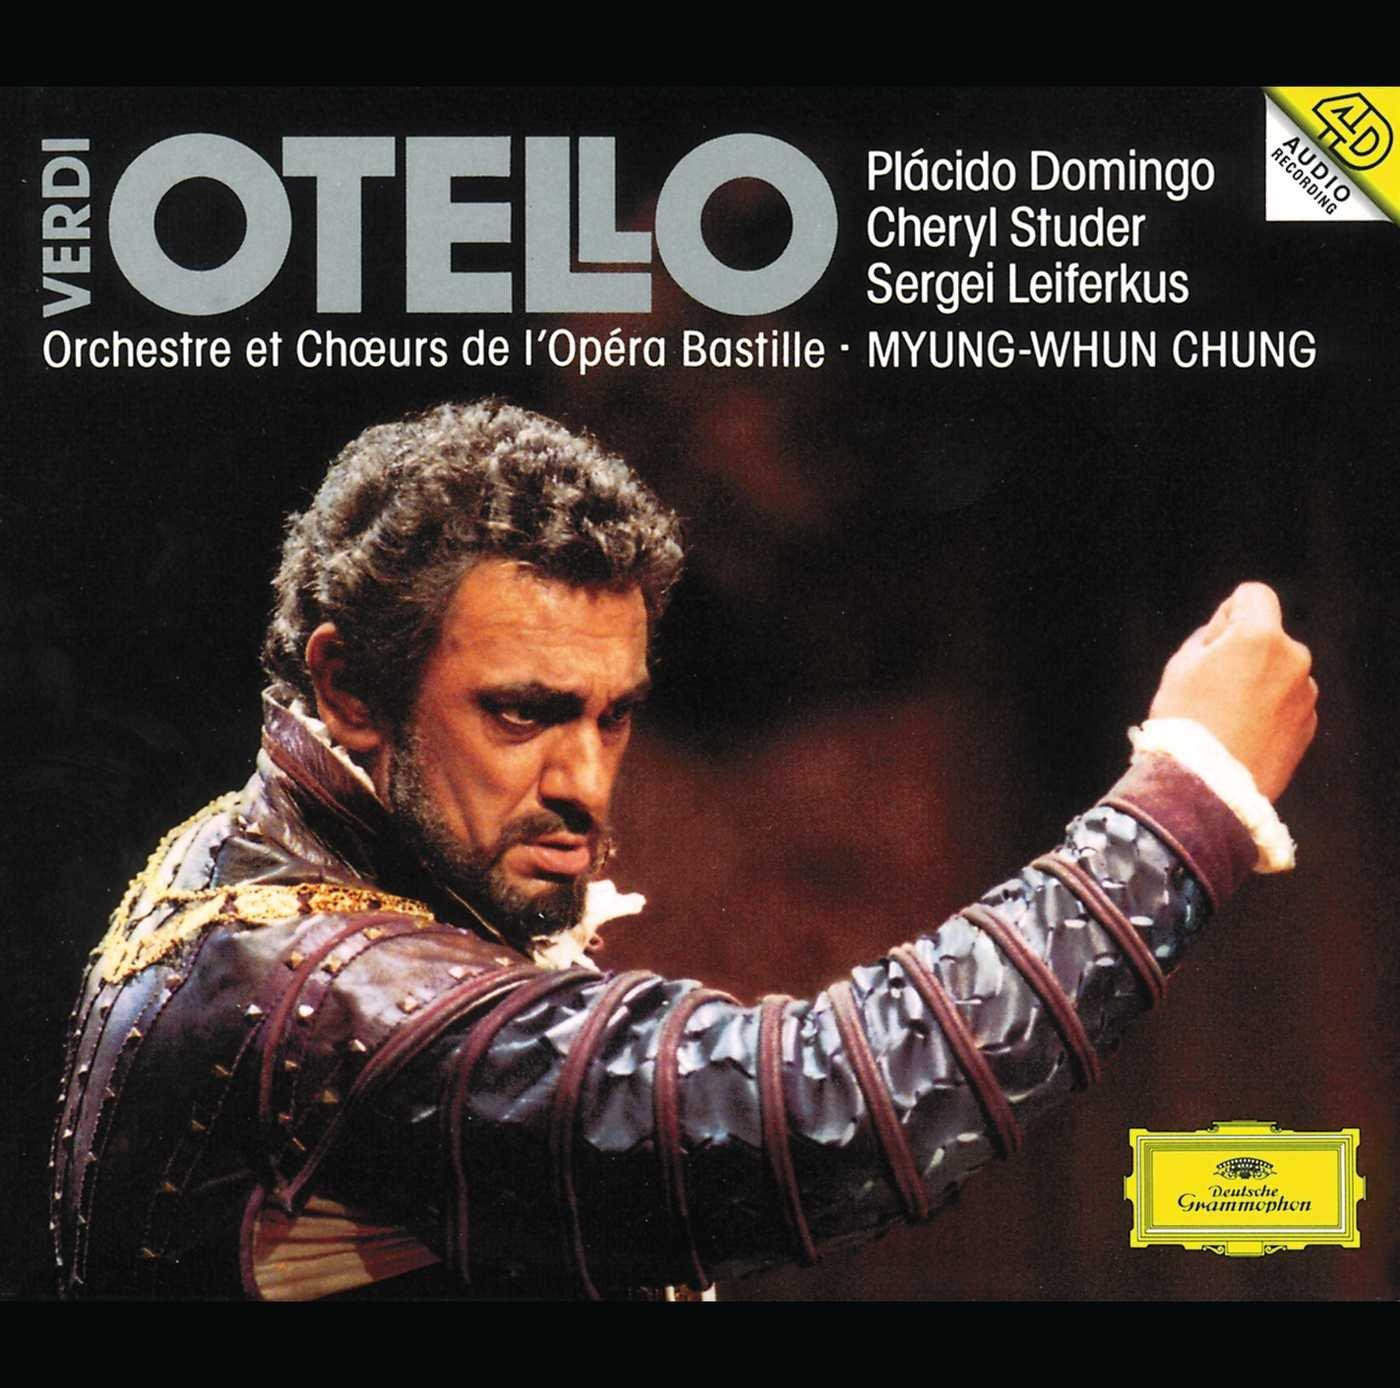 Conseils sur les opéras 71aUprujtzL._SL1400_